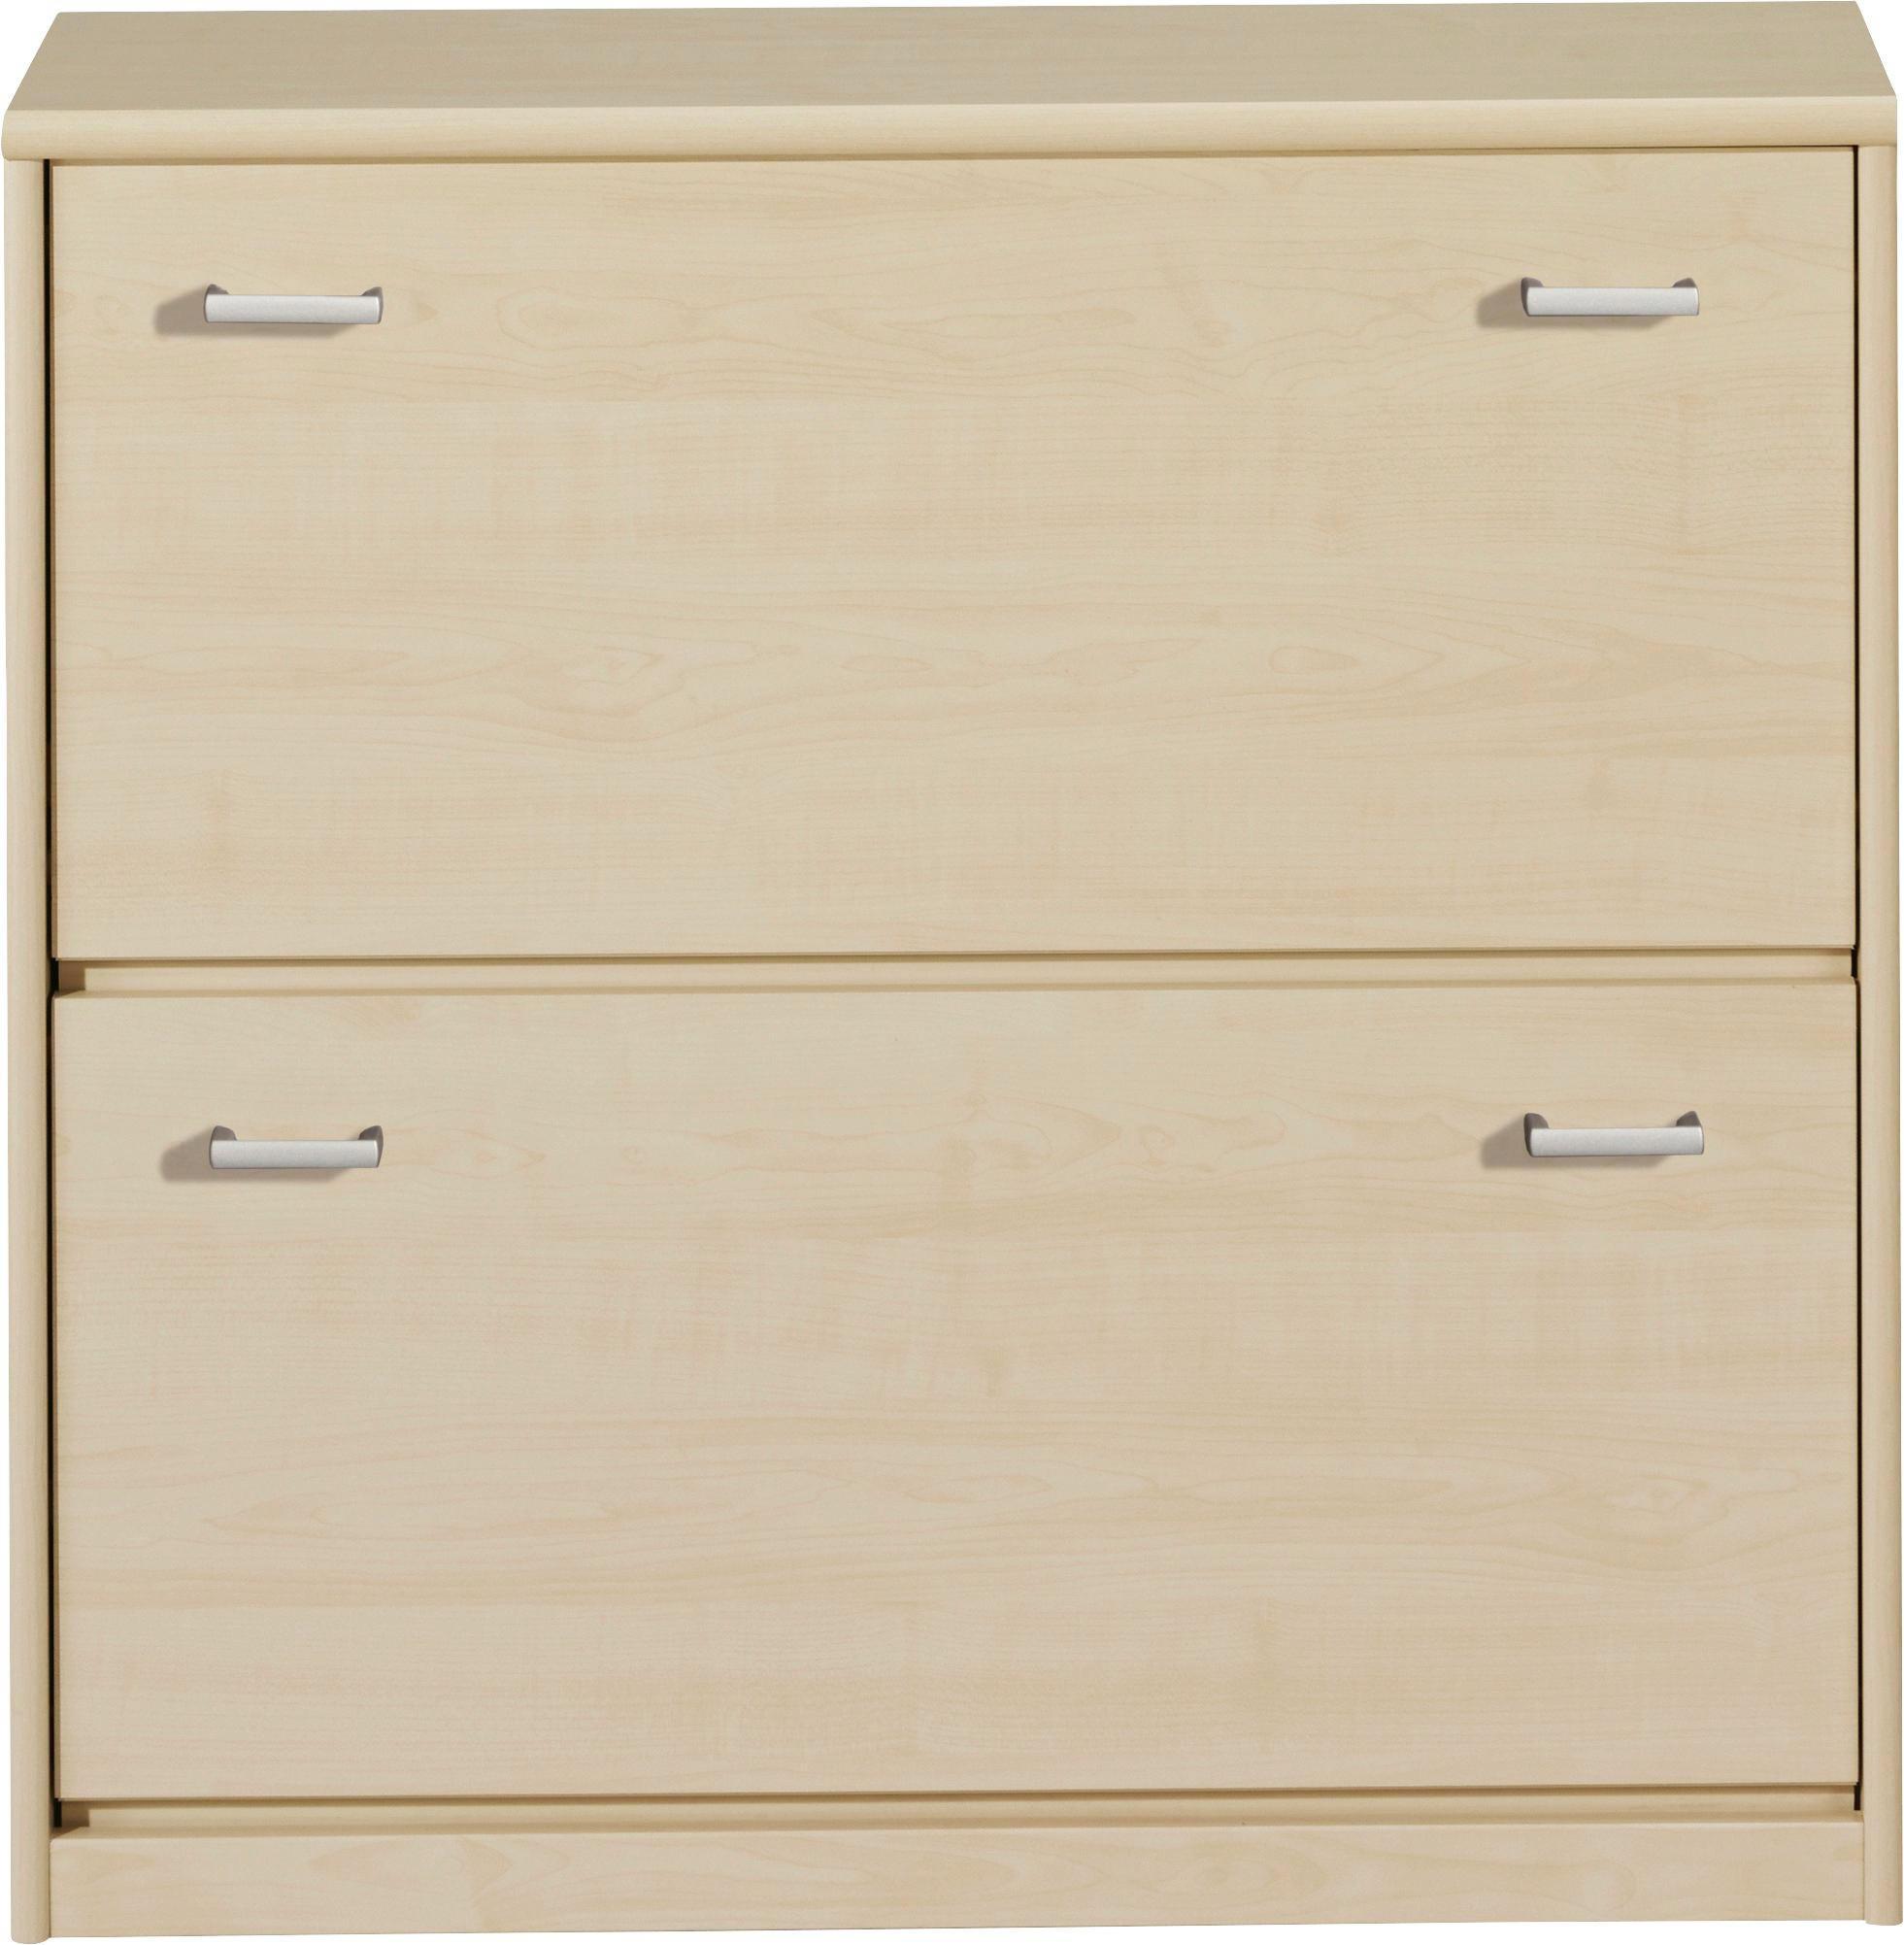 SCHUHKIPPER - Silberfarben/Ahornfarben, KONVENTIONELL, Holzwerkstoff/Kunststoff (87/84/27cm) - CS SCHMAL